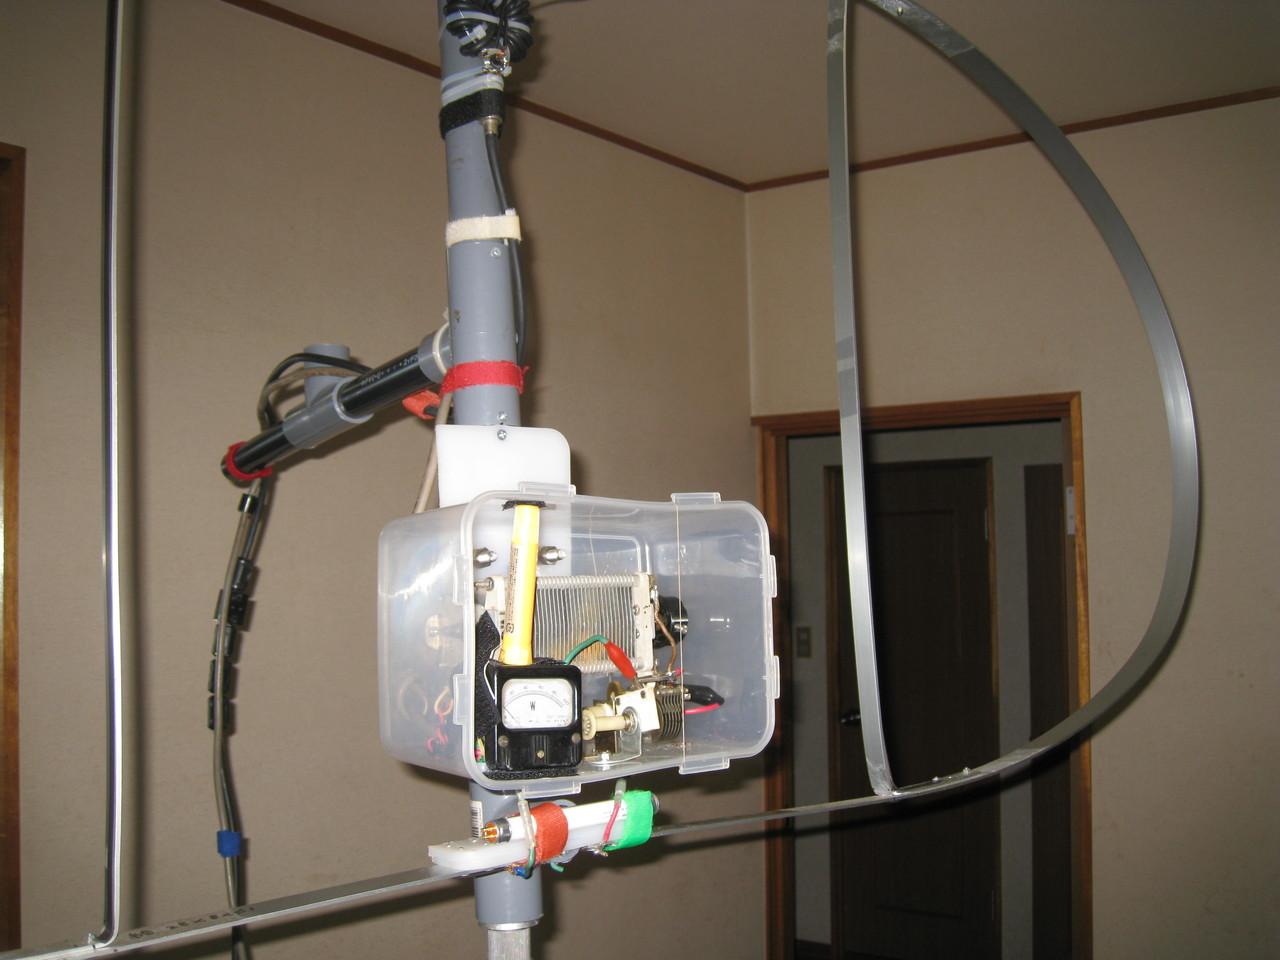 同調部側に「監視・危害防止」用に100V4W蛍光管取り付けた「400cm(内側L260cm)磁界型スモール・ループMLAアンテナ」2階室内使用状況